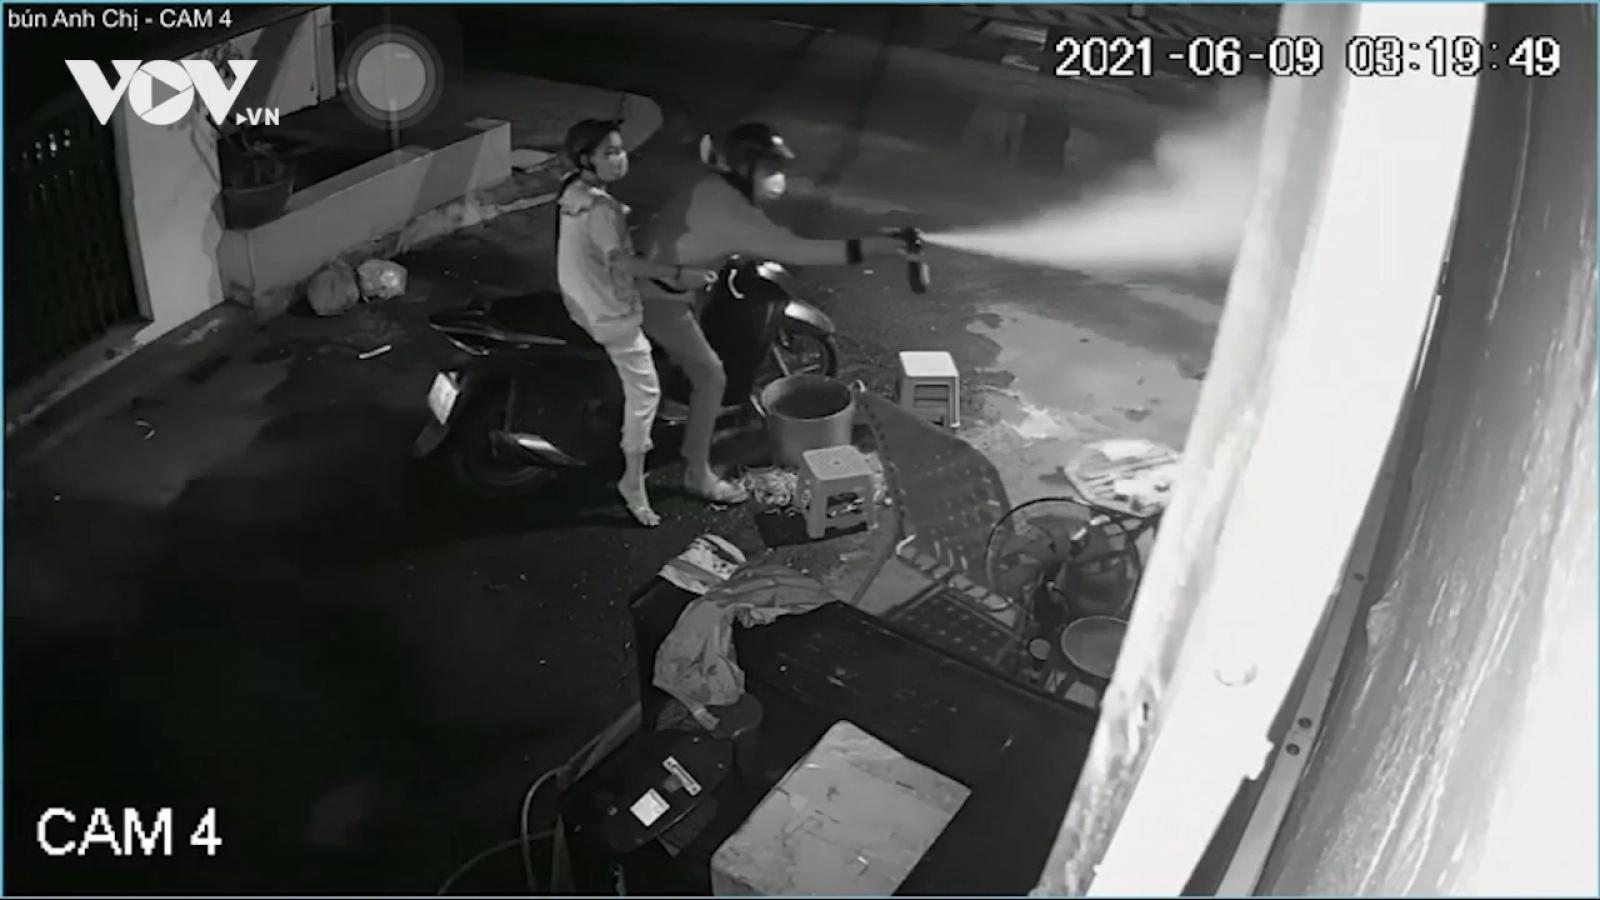 Nóng 24h: Ngồi trước nhà lúc rạng sáng, một phụ nữ bất ngờ bị tấn công bằng hơi cay